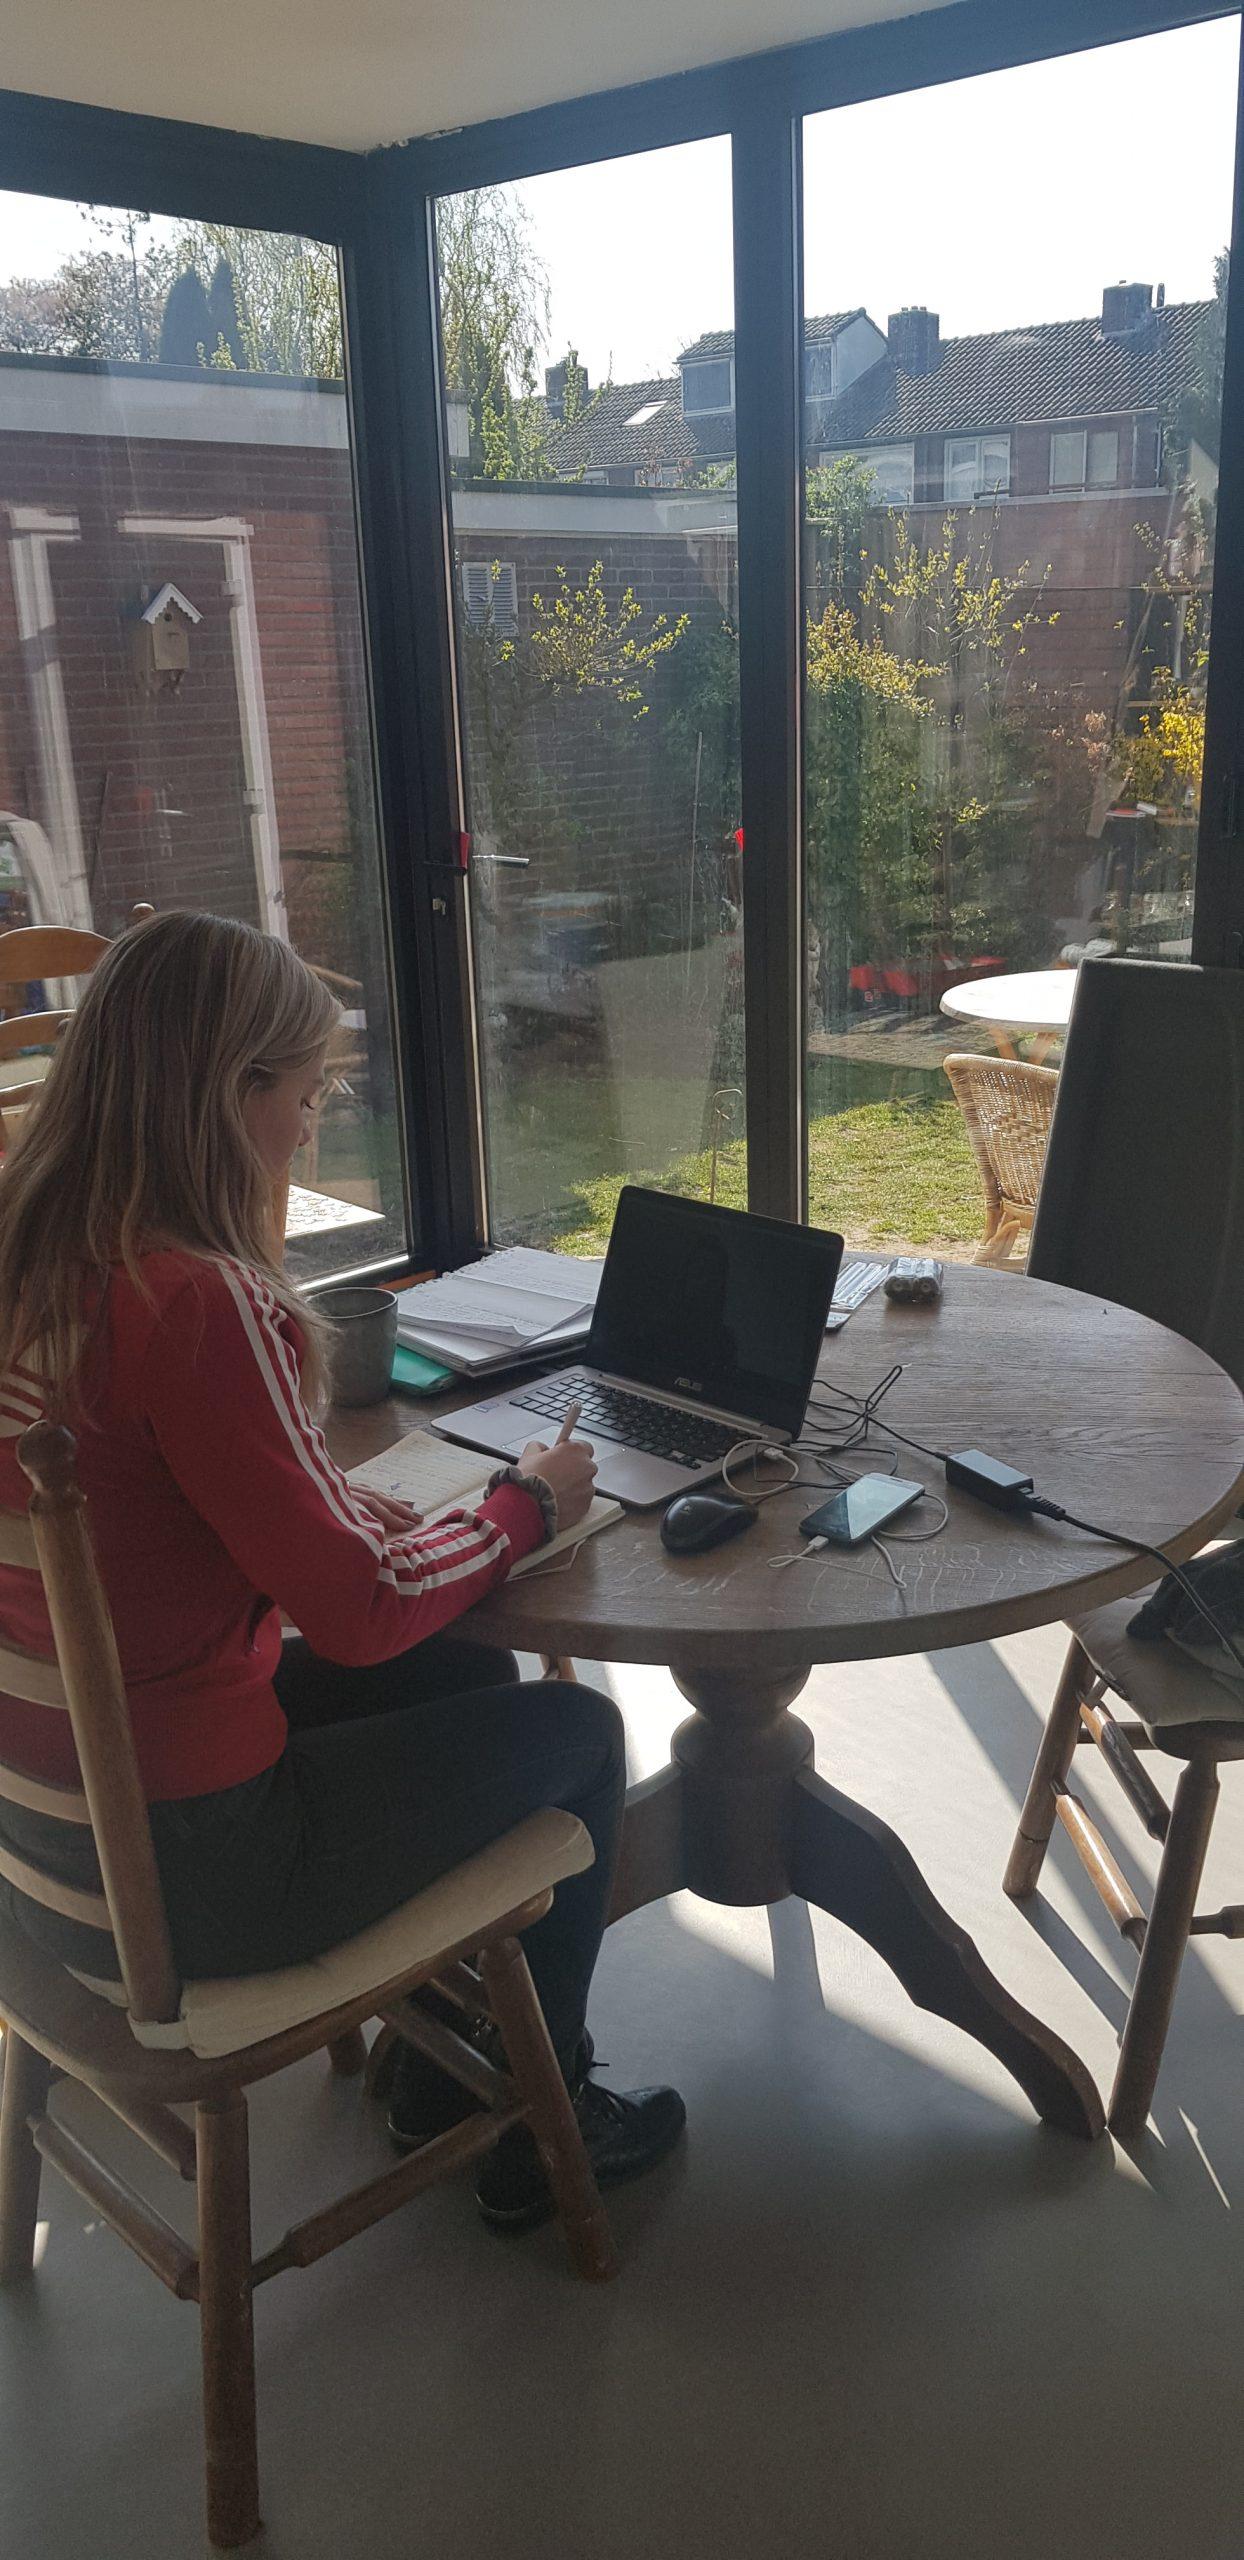 Nanniek Thuiswerken Videobellen IMH Nederland